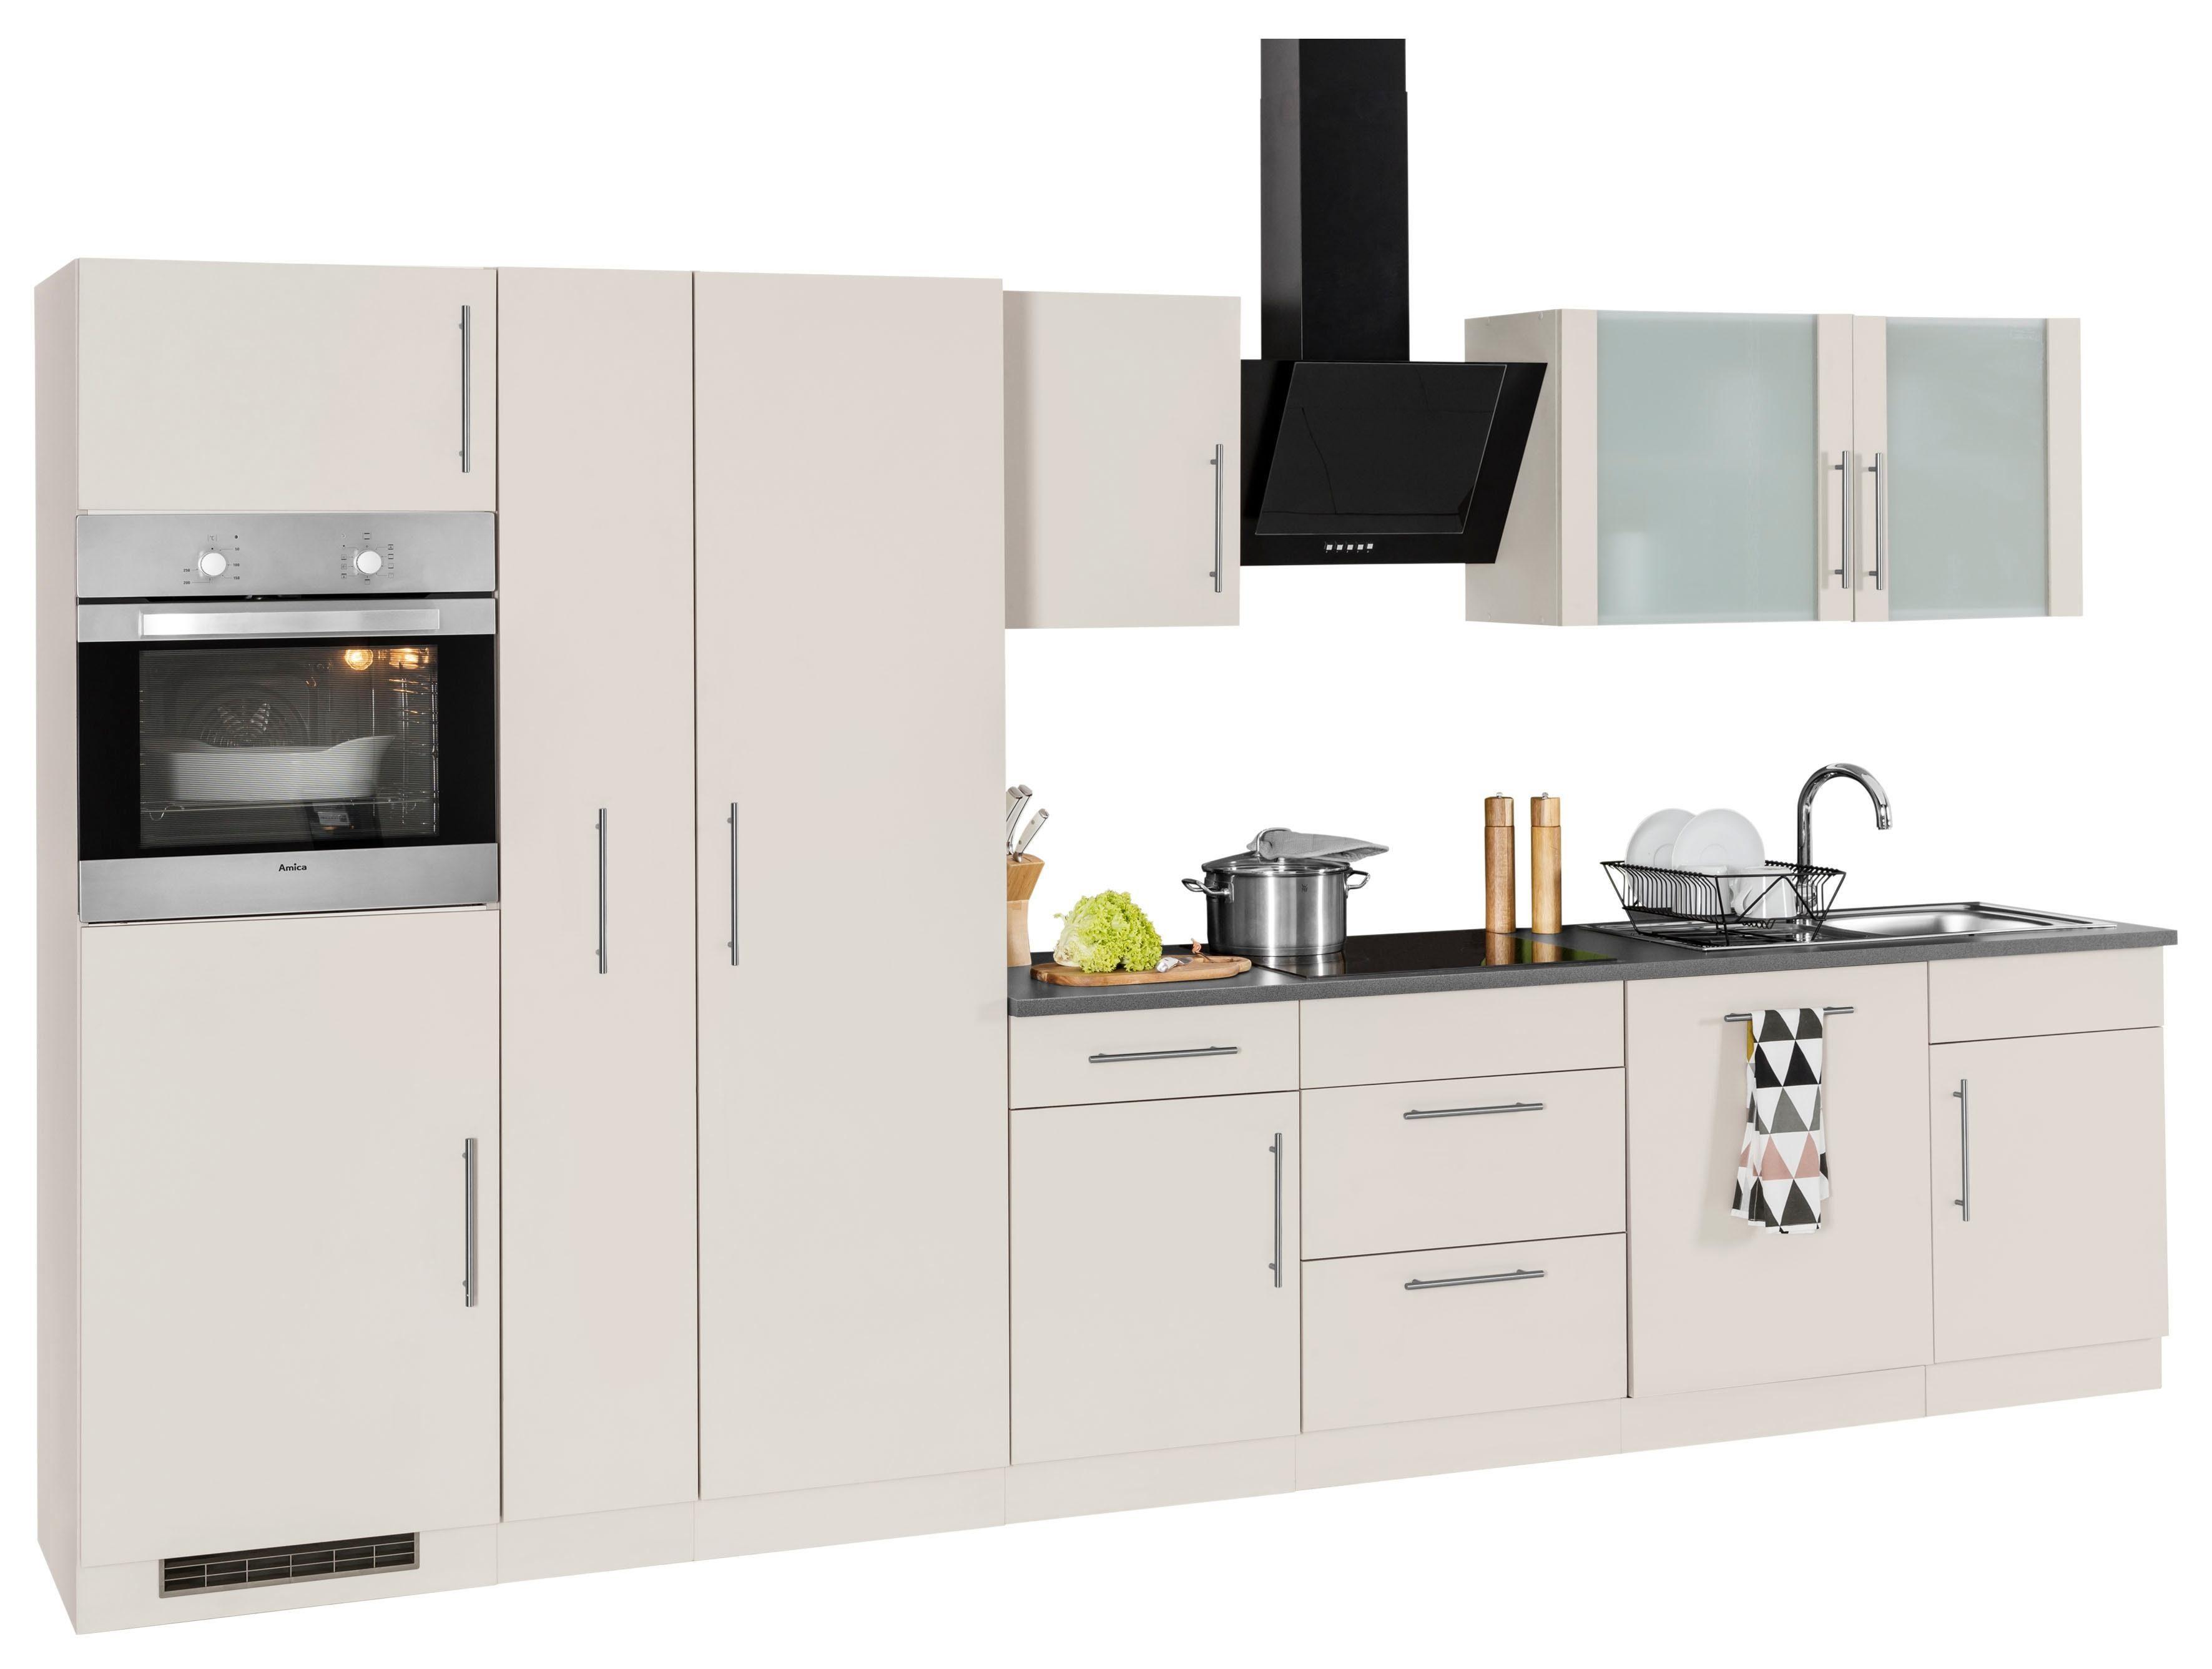 Mini Küchenzeile Mit Kühlschrank : Mini küche mit spülmaschine singleküche mit spülmaschine nett